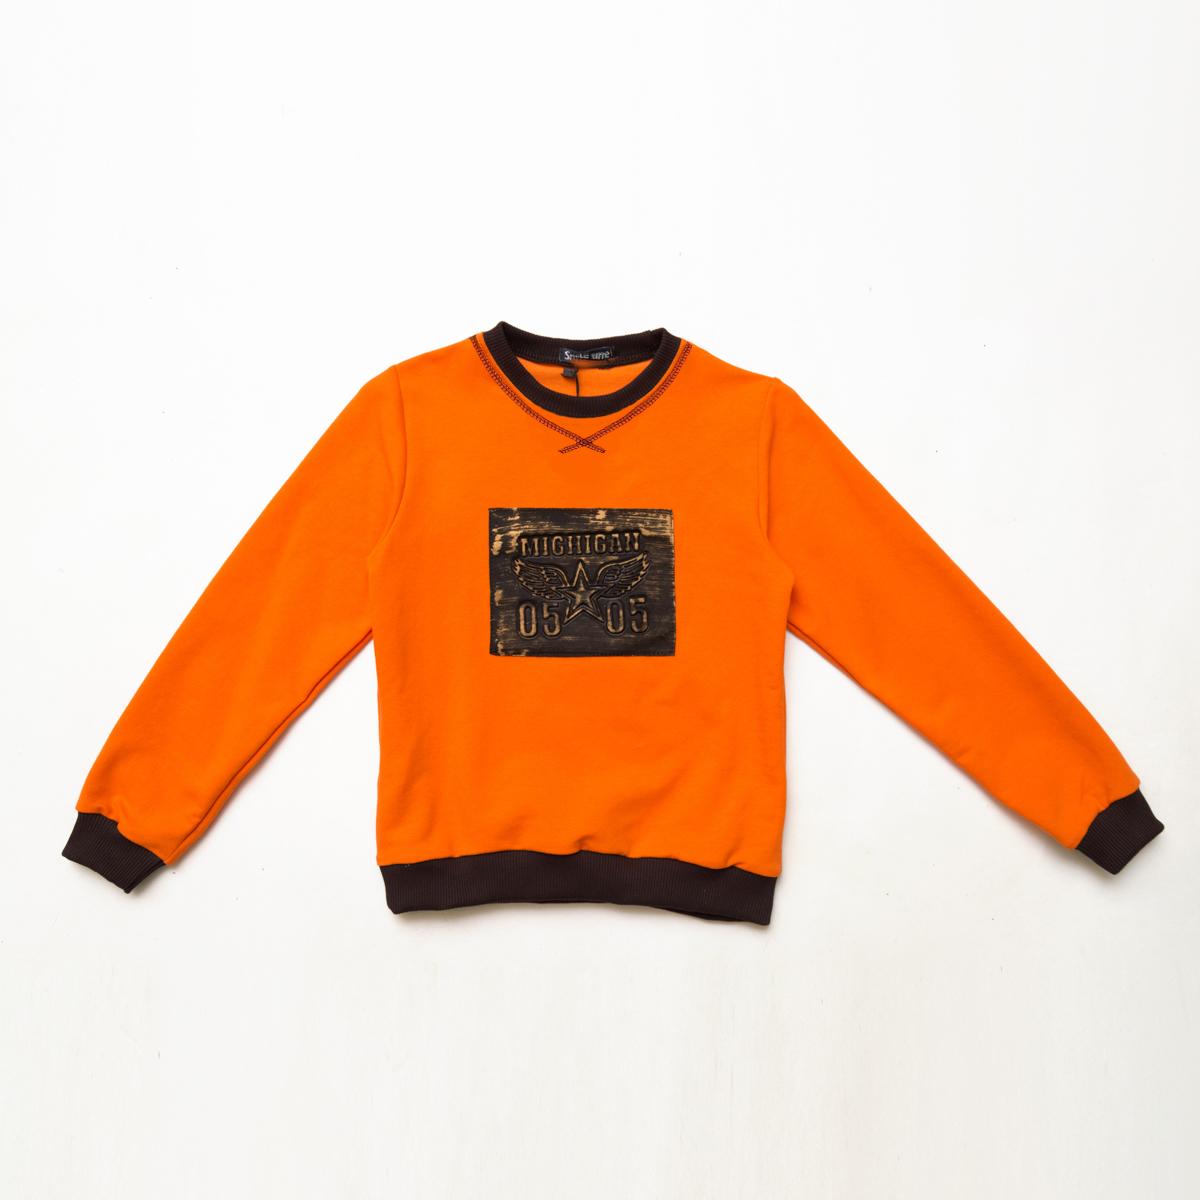 Свитшот SmileTime детский Michigan, оранжевый